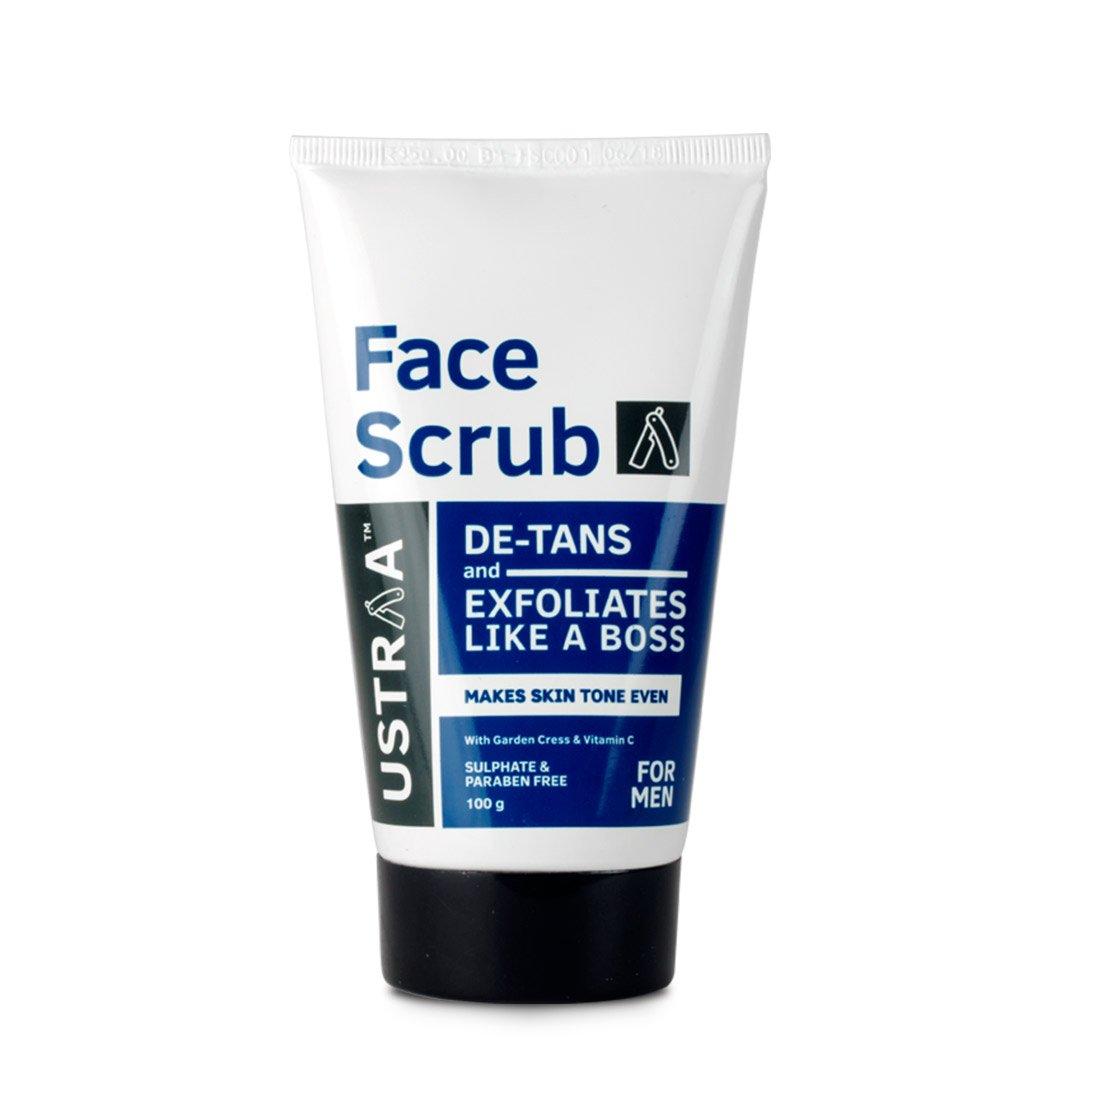 Ustraa Face Scrub 100g, De-tans and Exfoliates